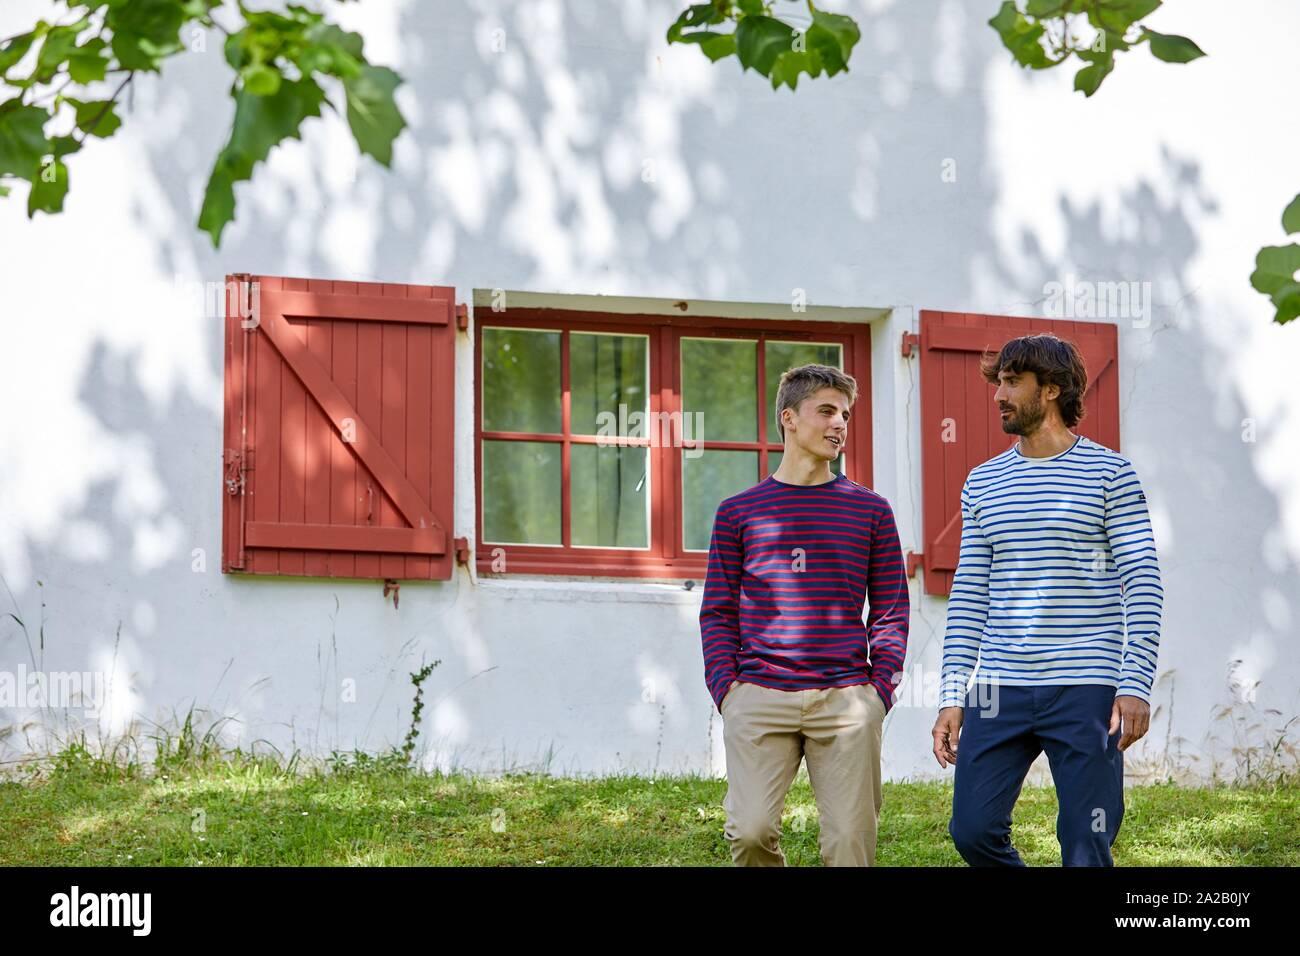 Erwachsene und junge Menschen, Holiday Centre, baskische Architektur, Route De La Corniche, Hendaye, Aquitaine, Baskenland, Frankreich Stockfoto